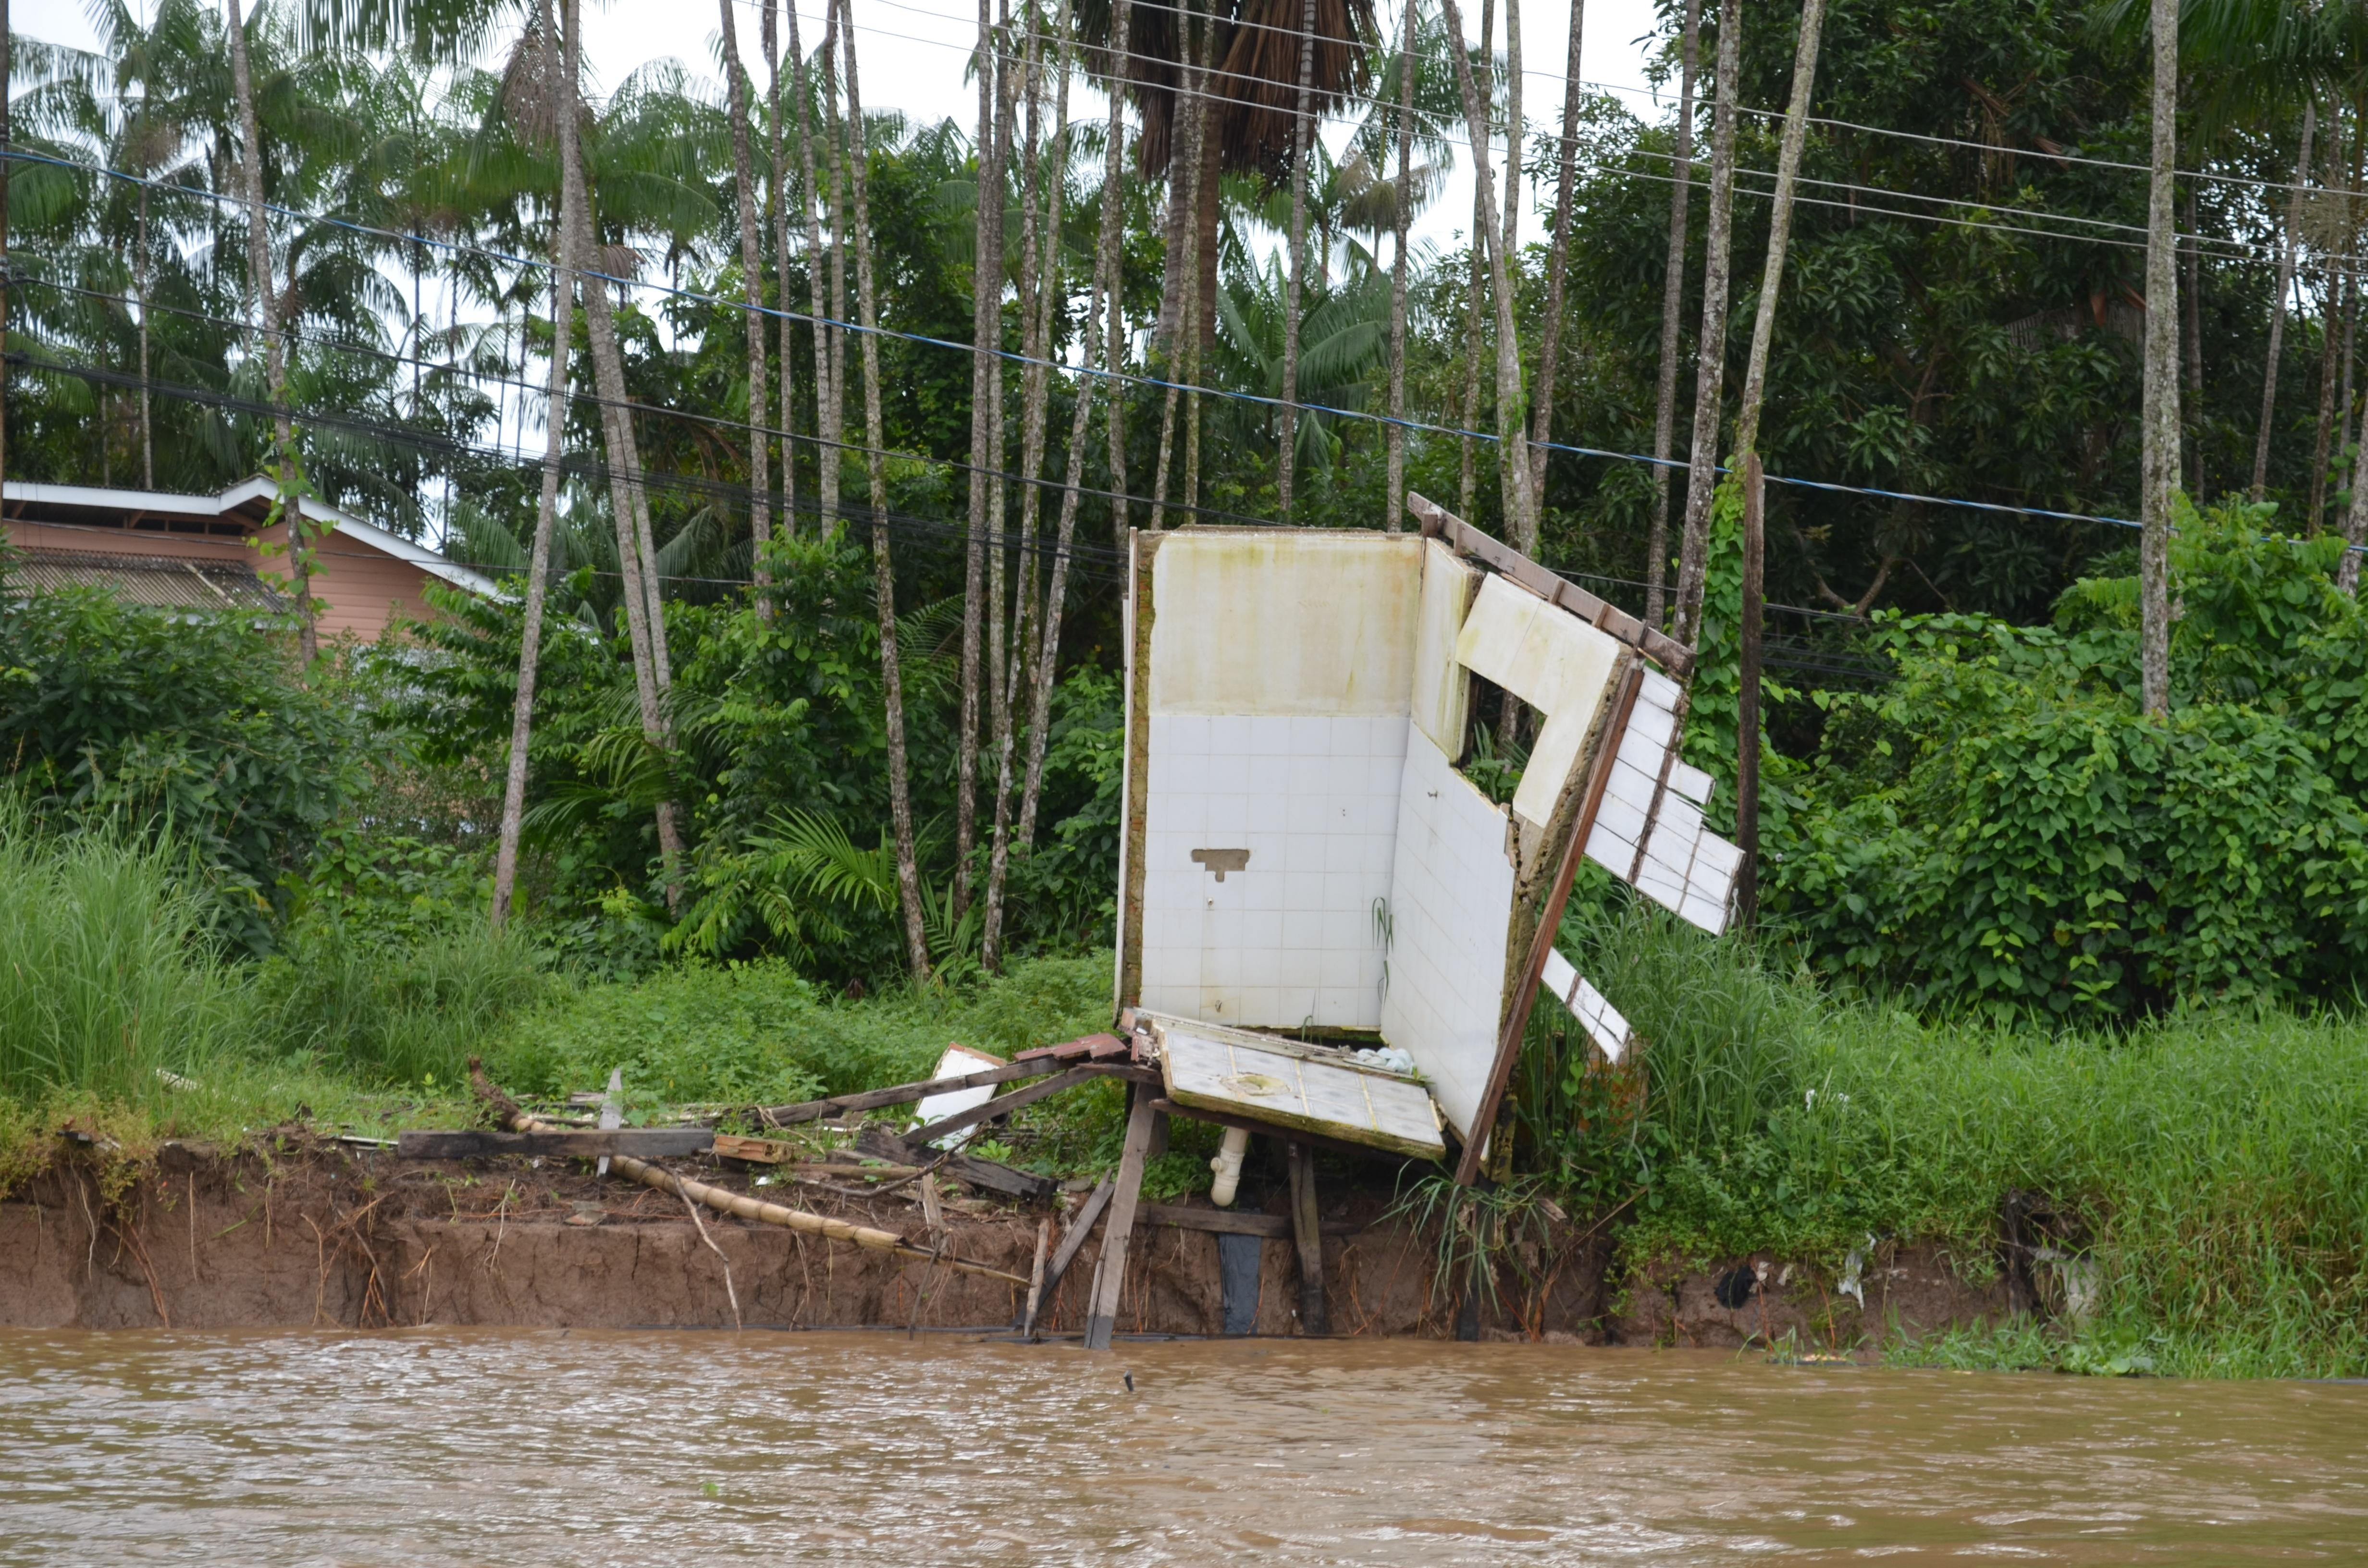 União reconhece situação de emergência em municípios do AP devido a 'terras caídas'